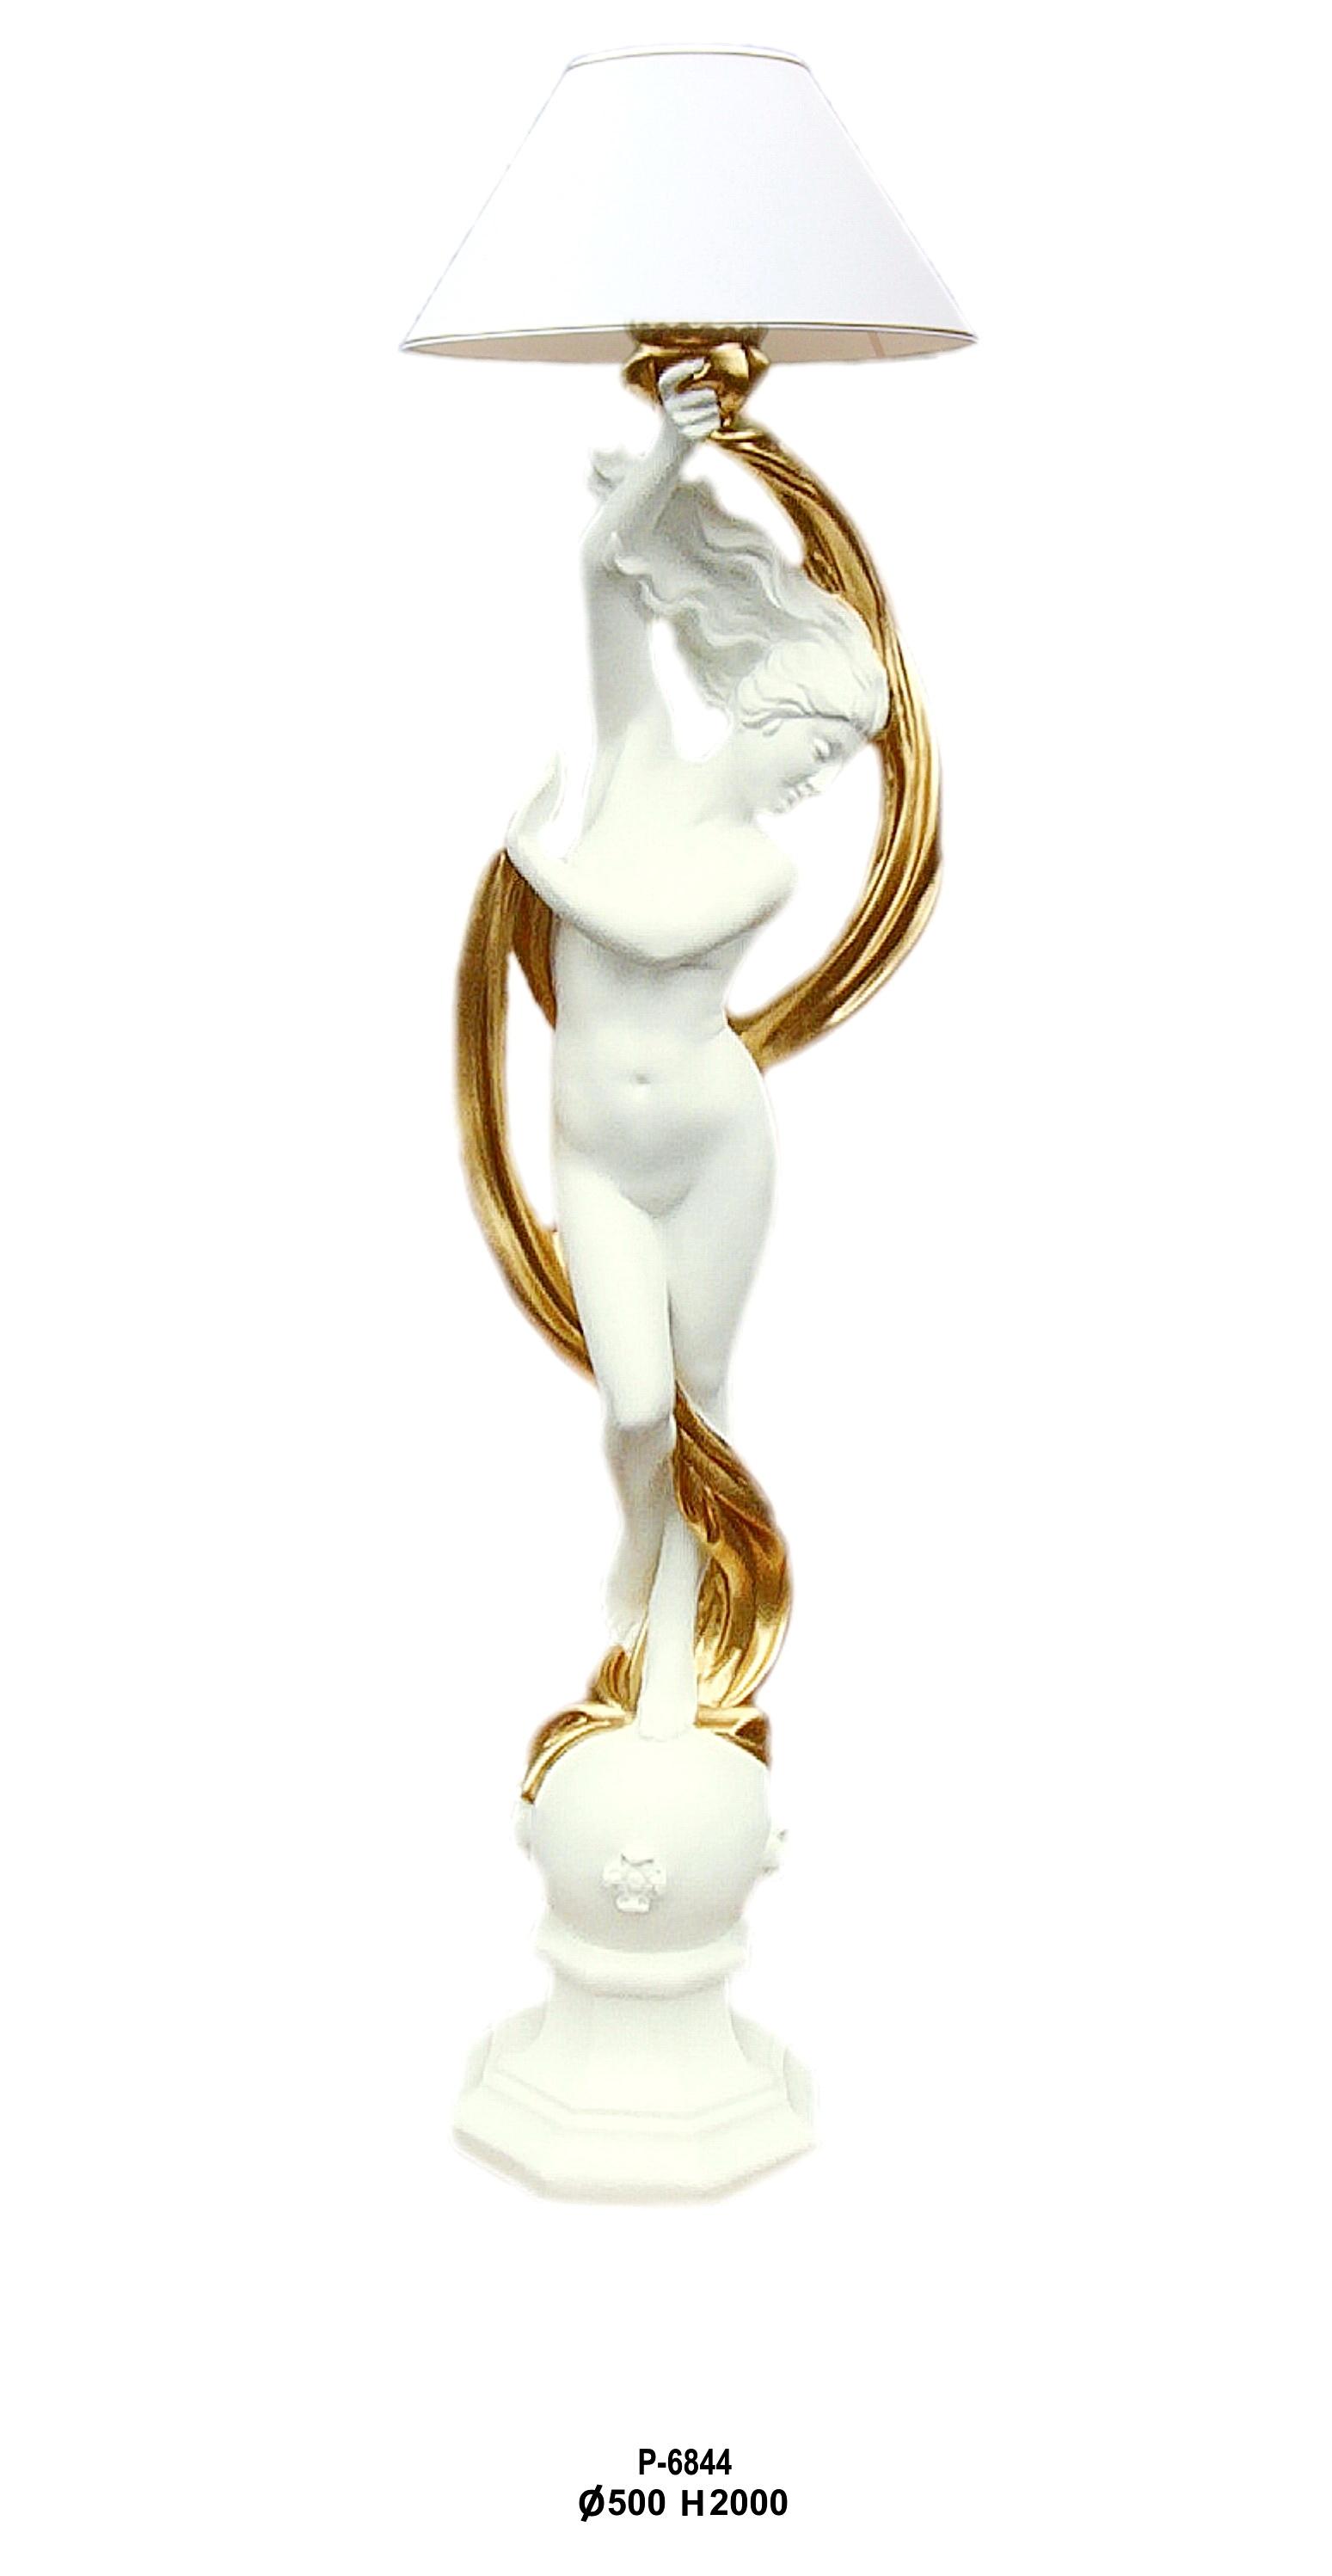 Lampa vysoká / Antický styl / 200 cm Zakázková výroba